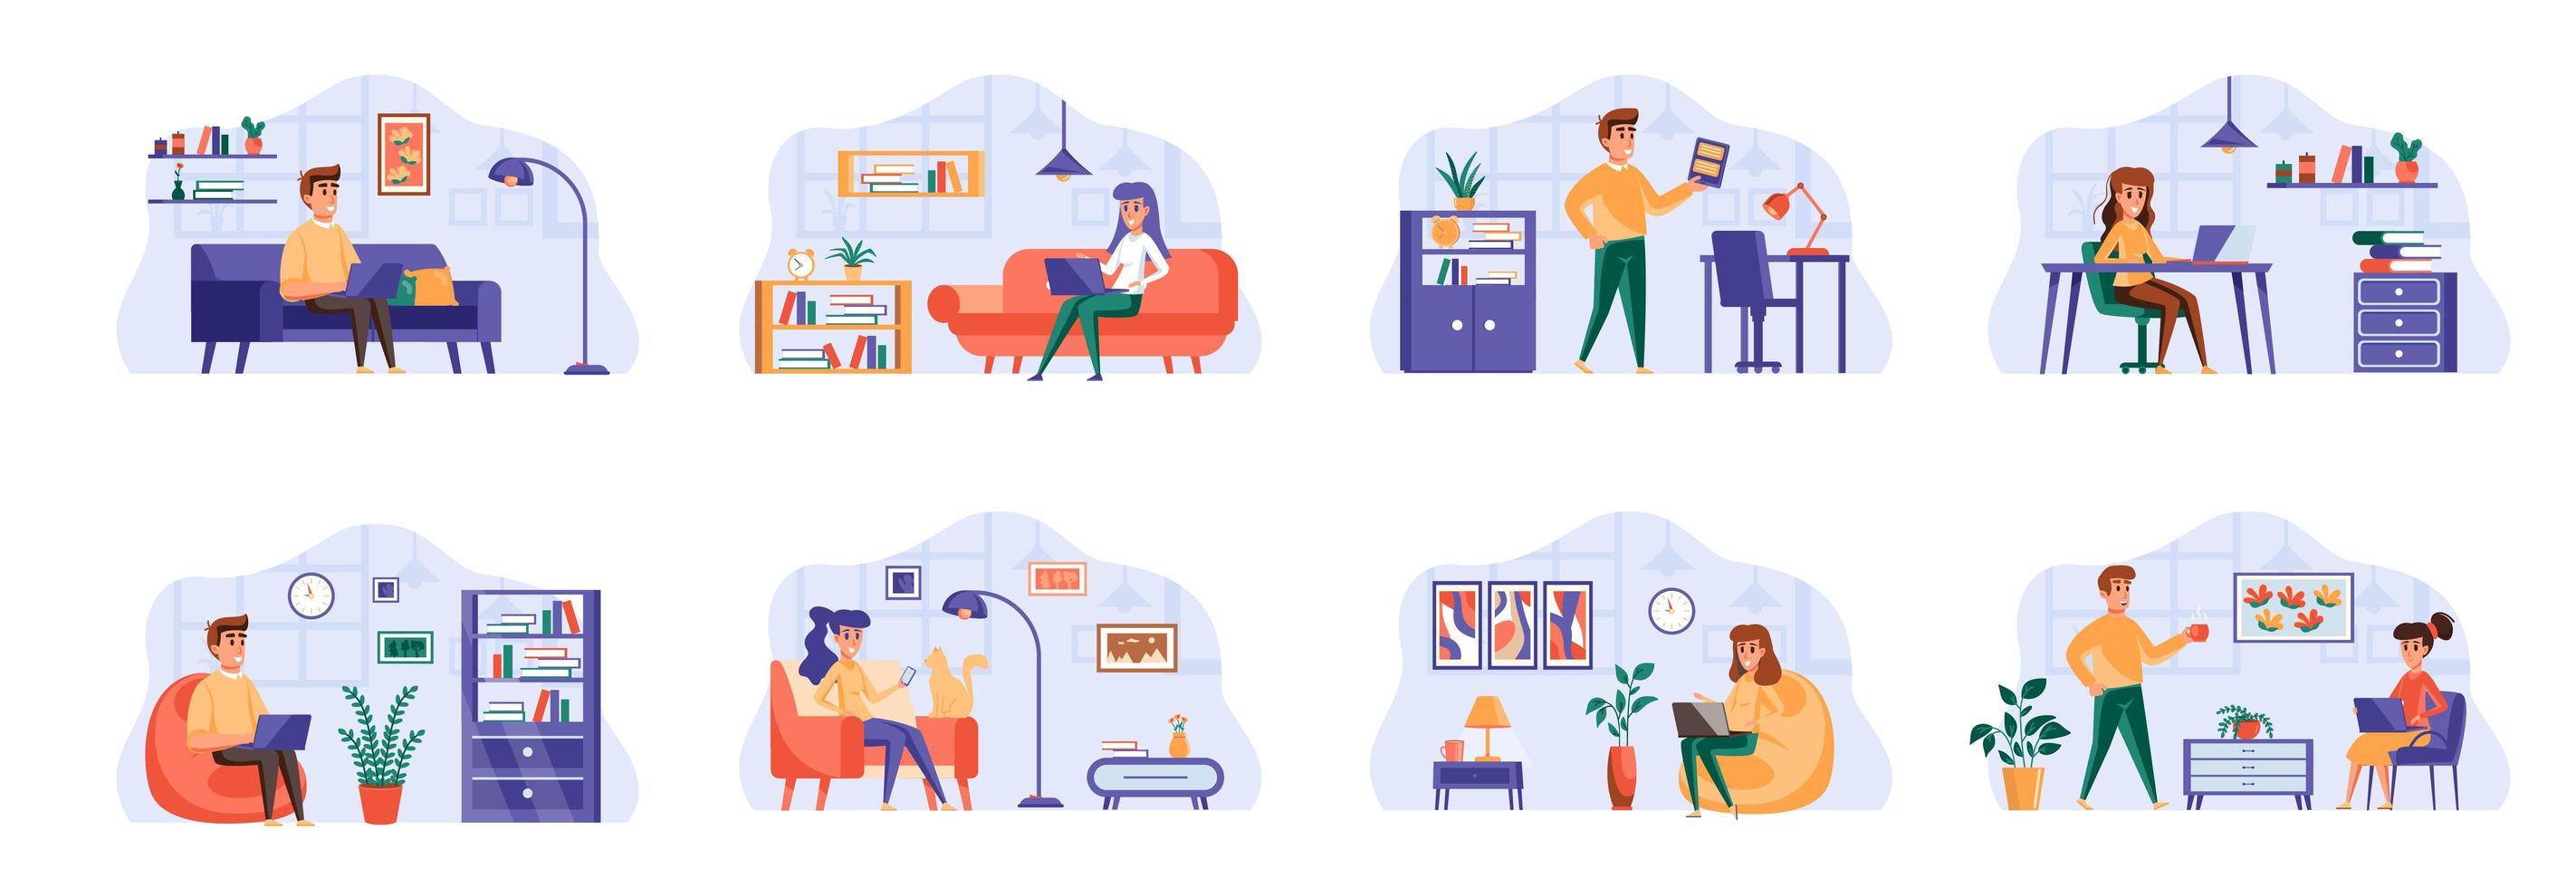 scene di lavoro freelance in bundle con personaggi di persone. vettore